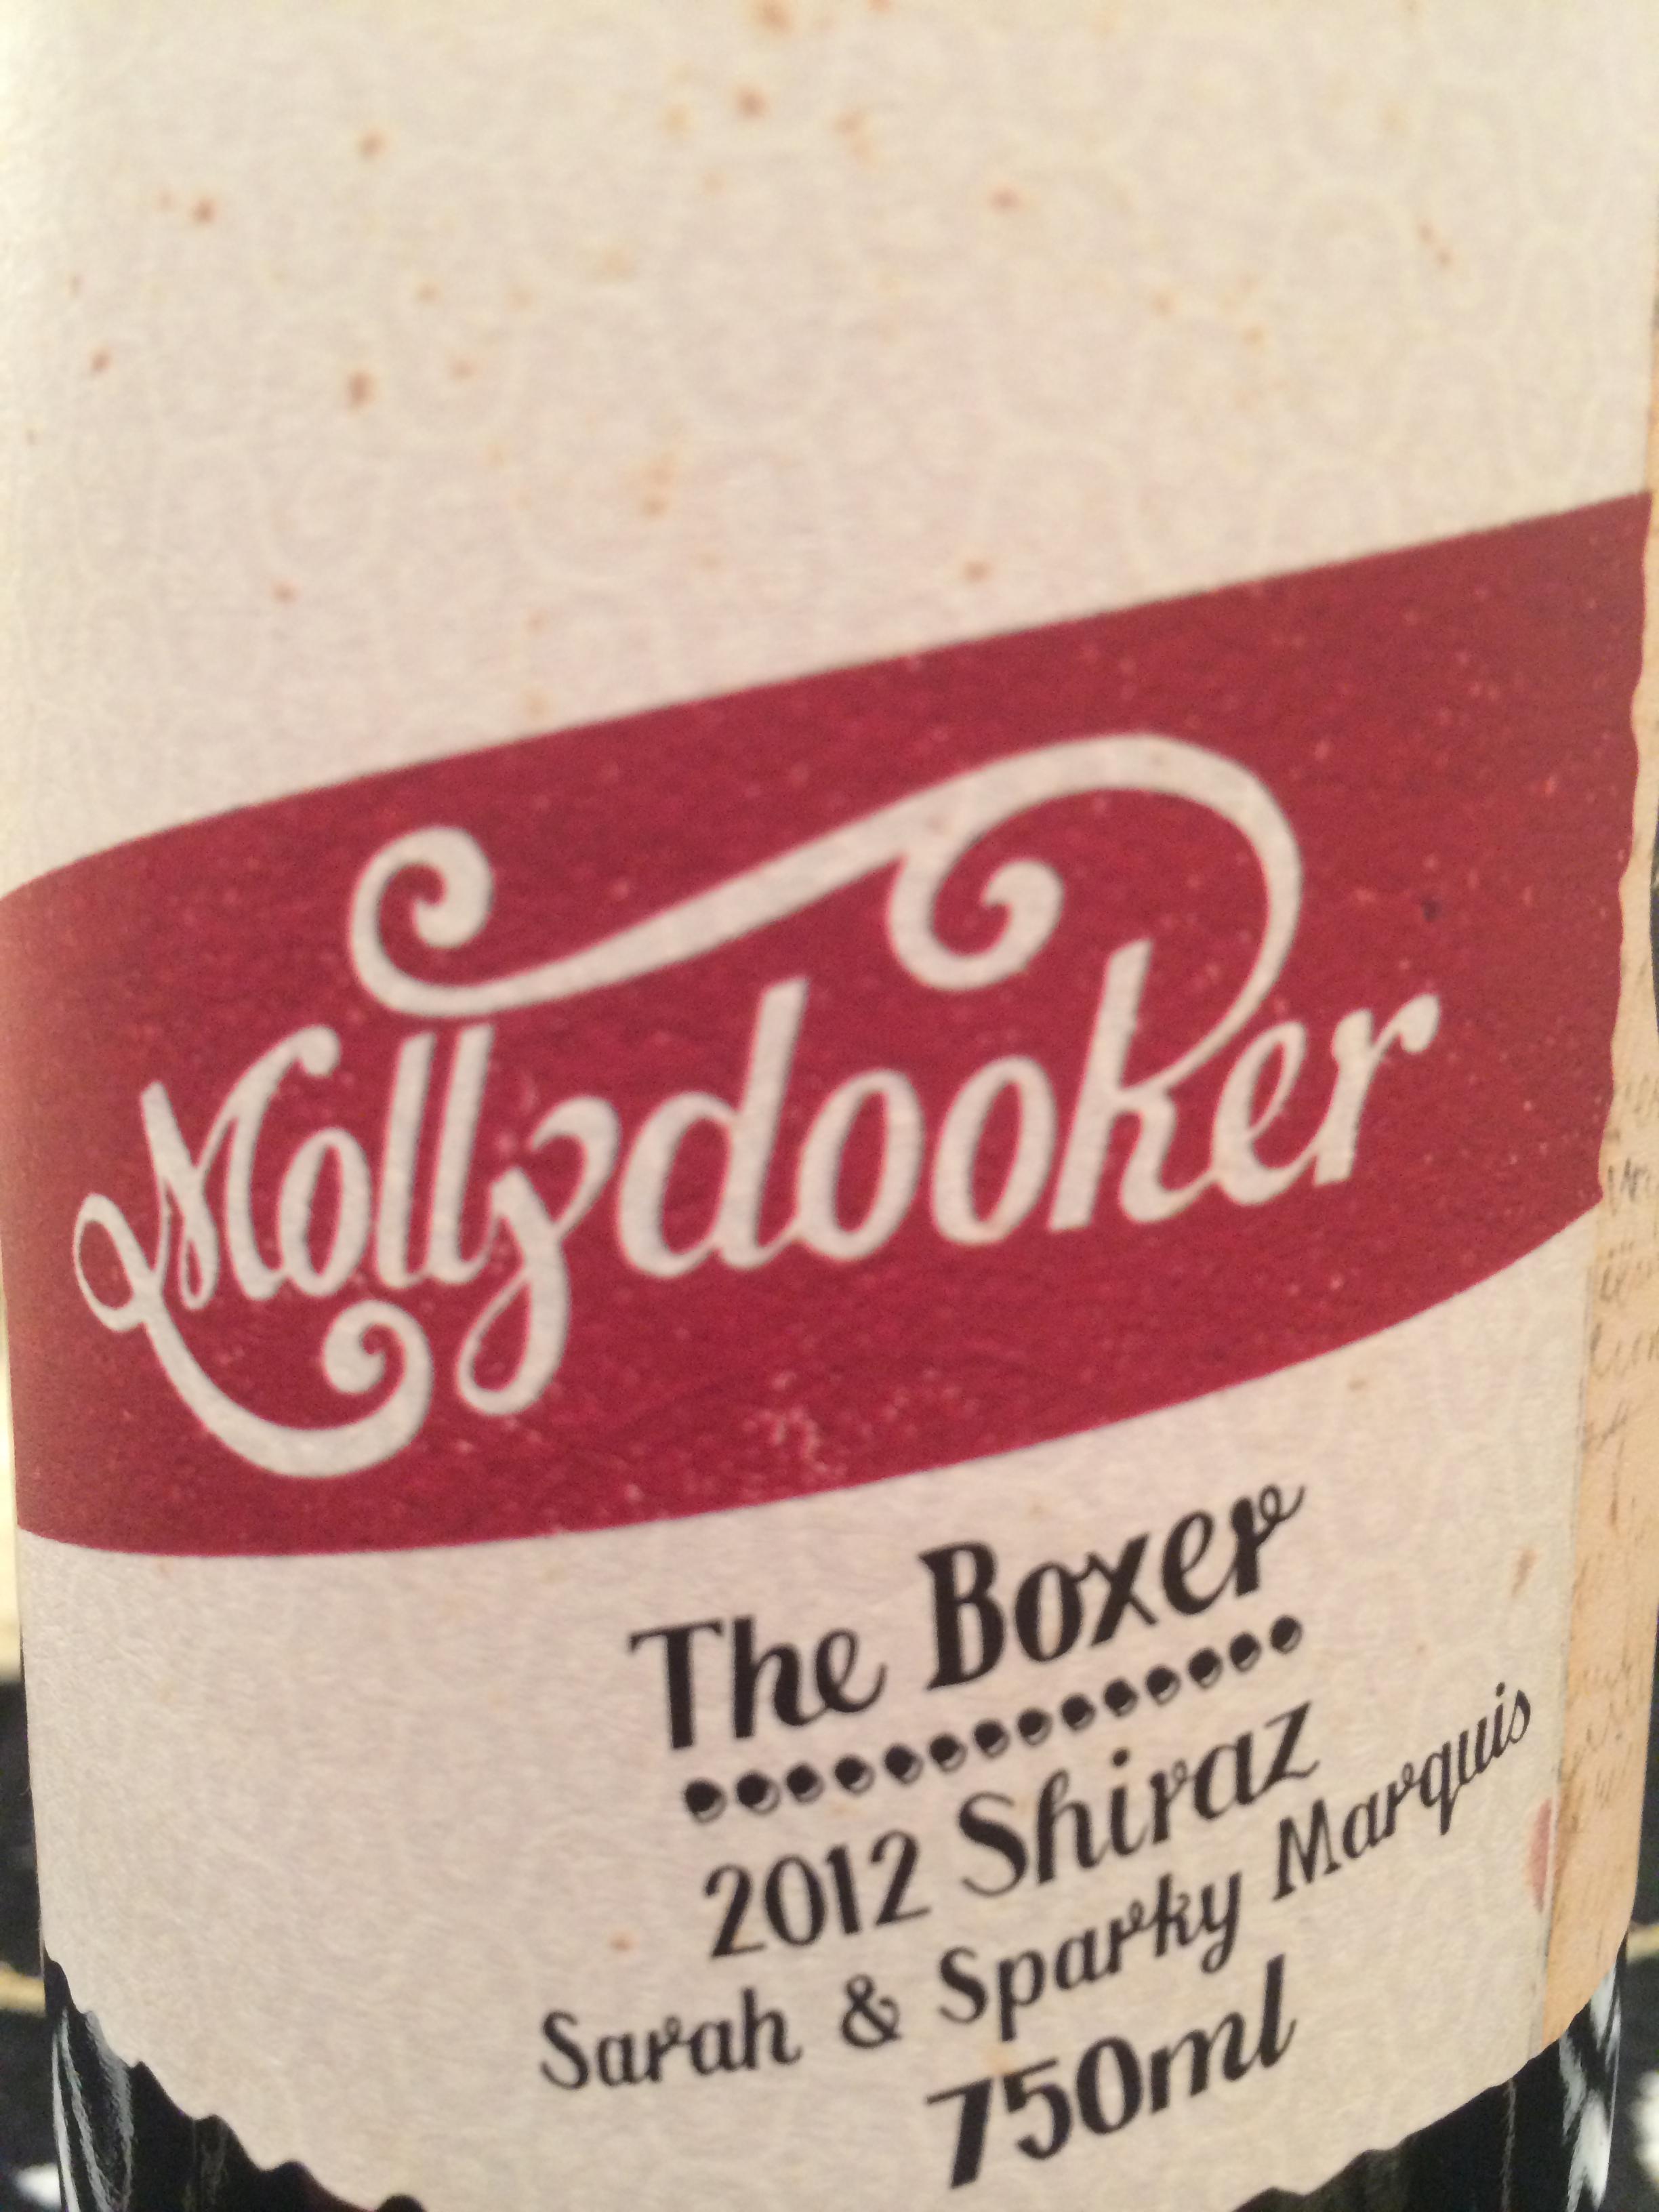 Mollydooker 2012 Boxer